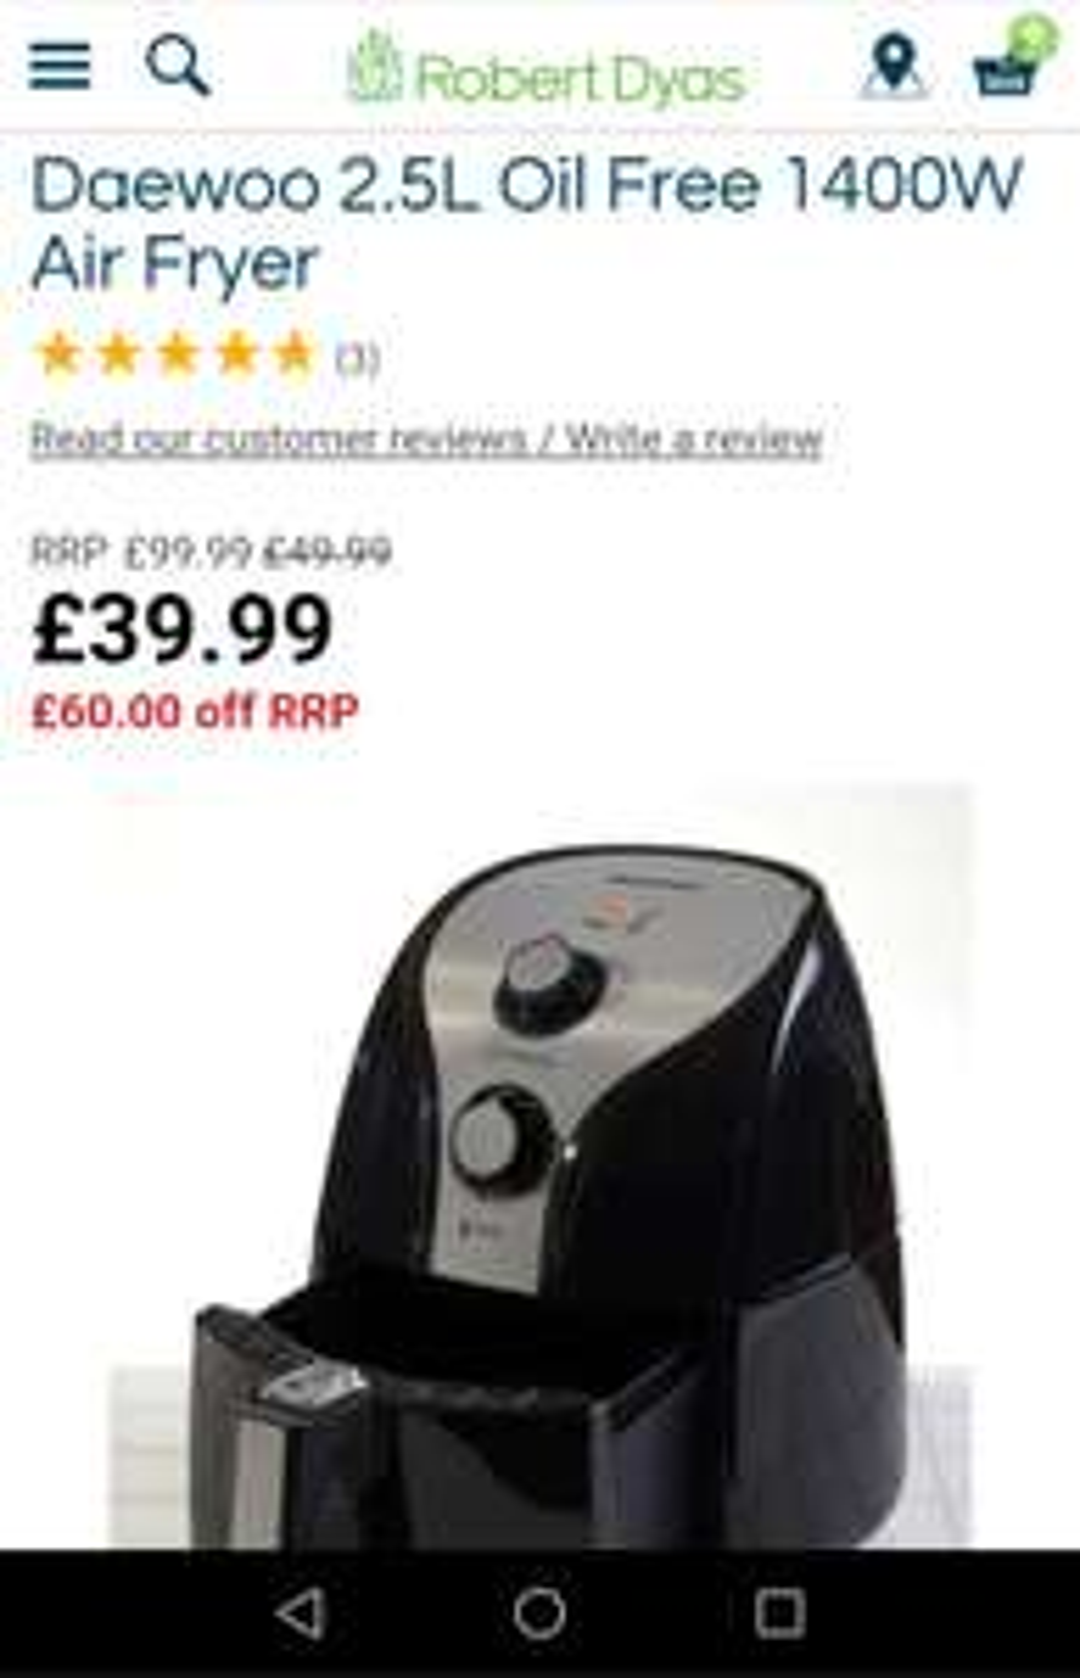 Daewoo 2.5L air fryer £39.99 @ Robert Dyas